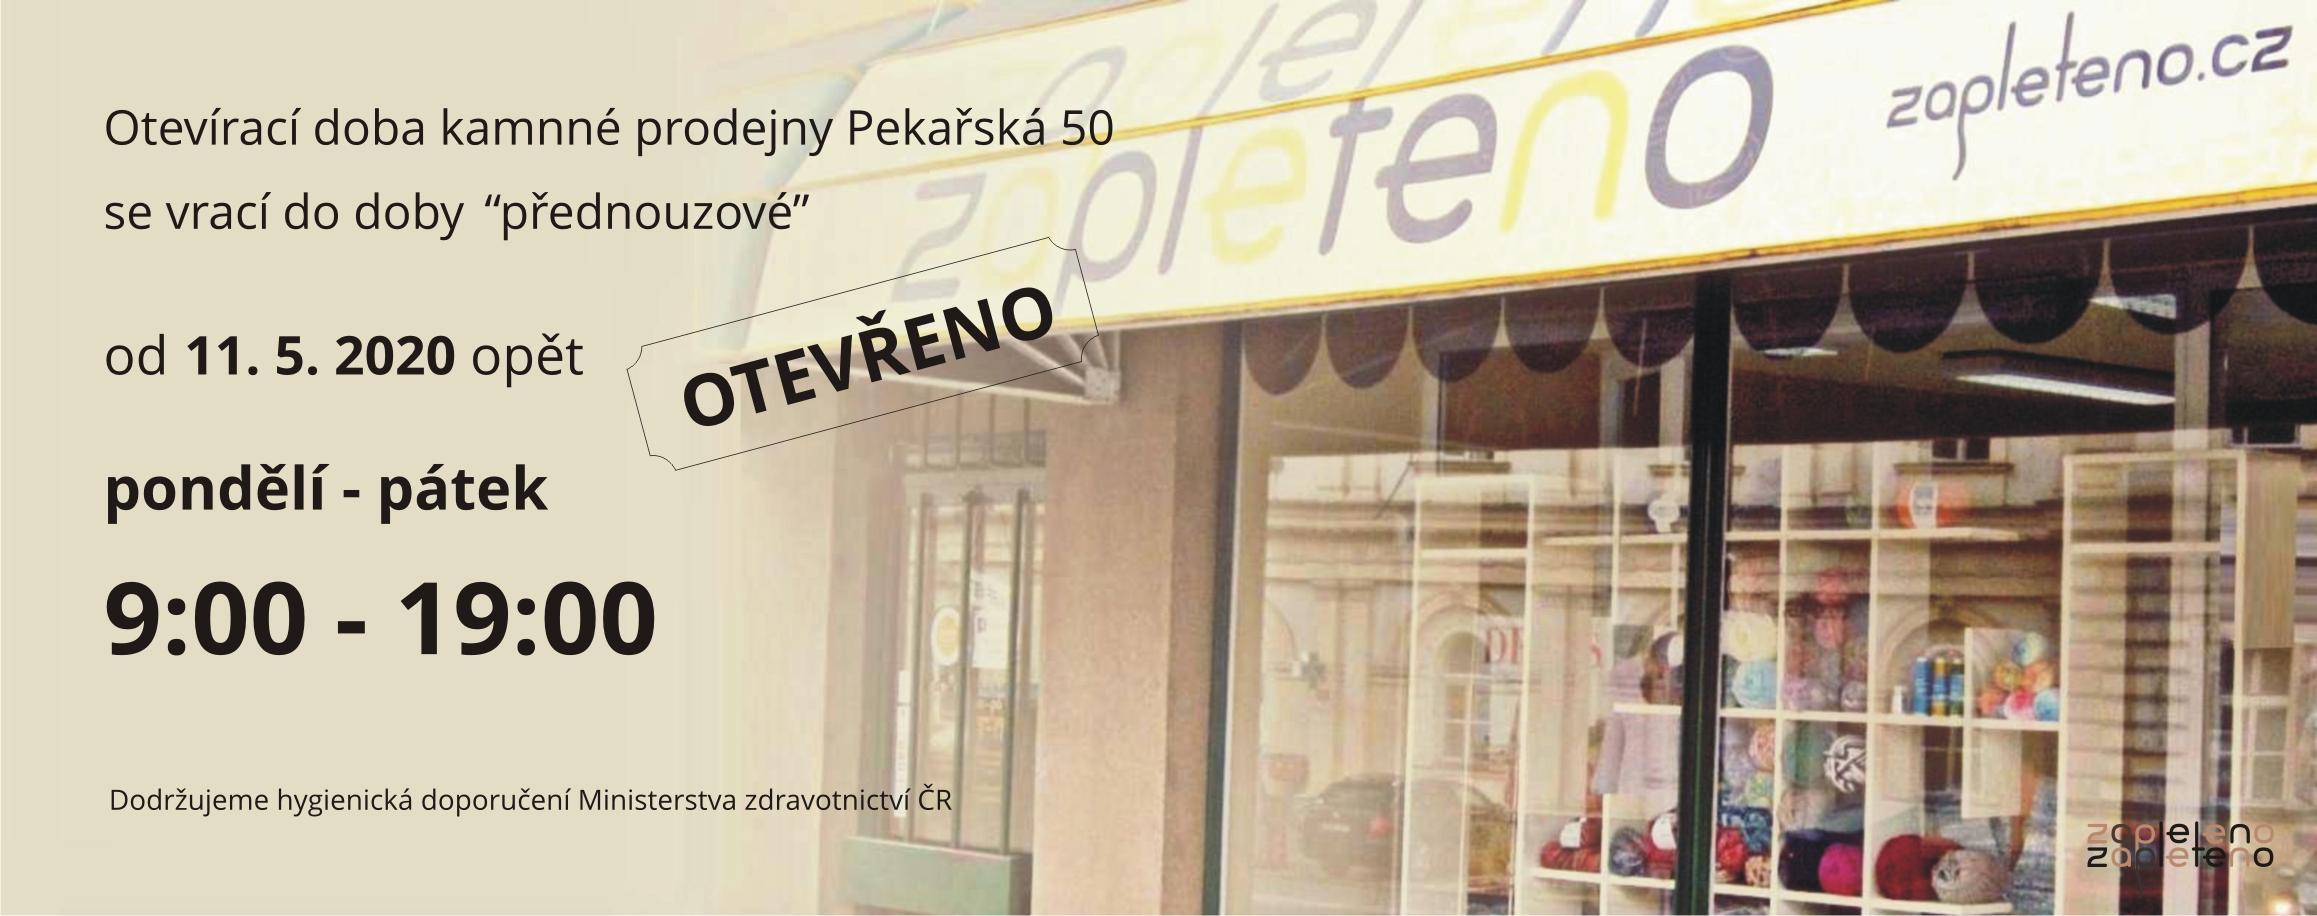 Otevírací doba prodejny Pekařská 50 Brno